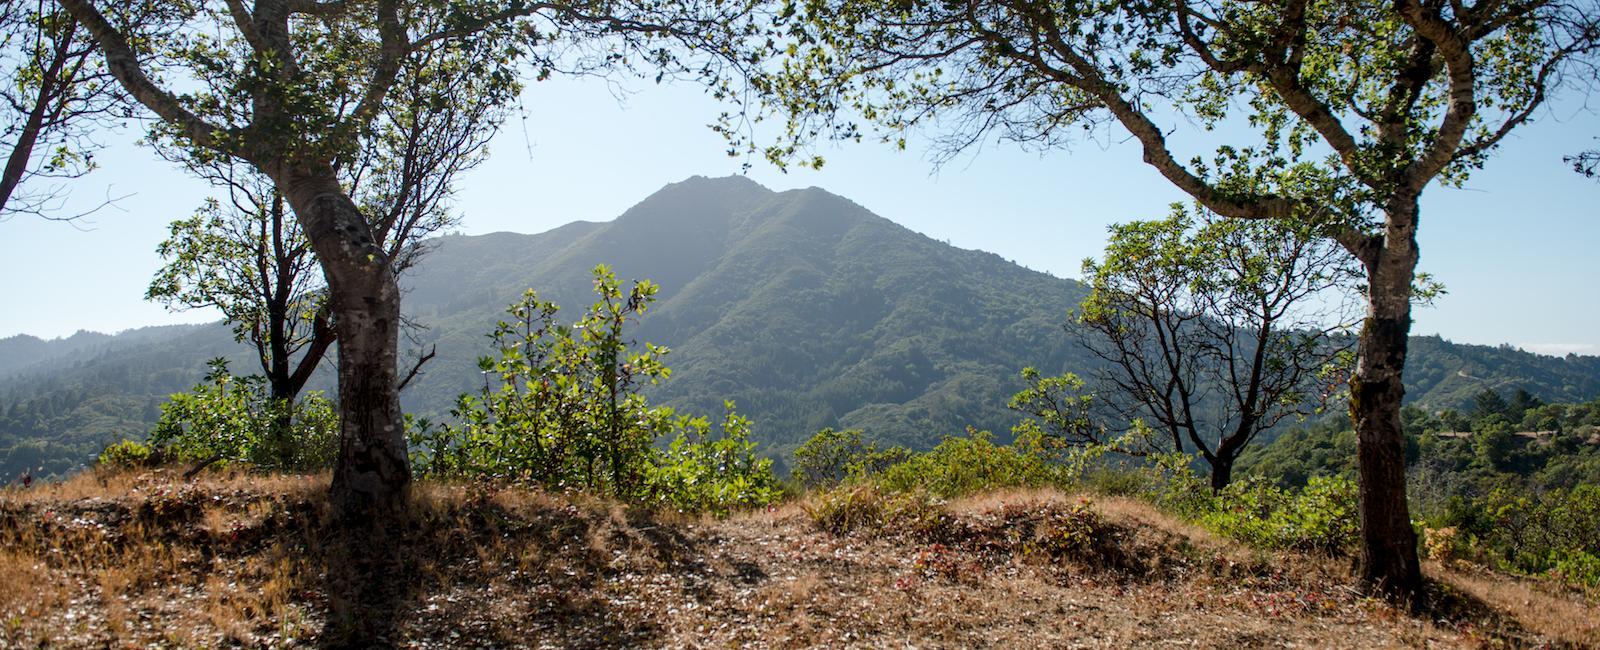 Sun shining on Mt. Tam